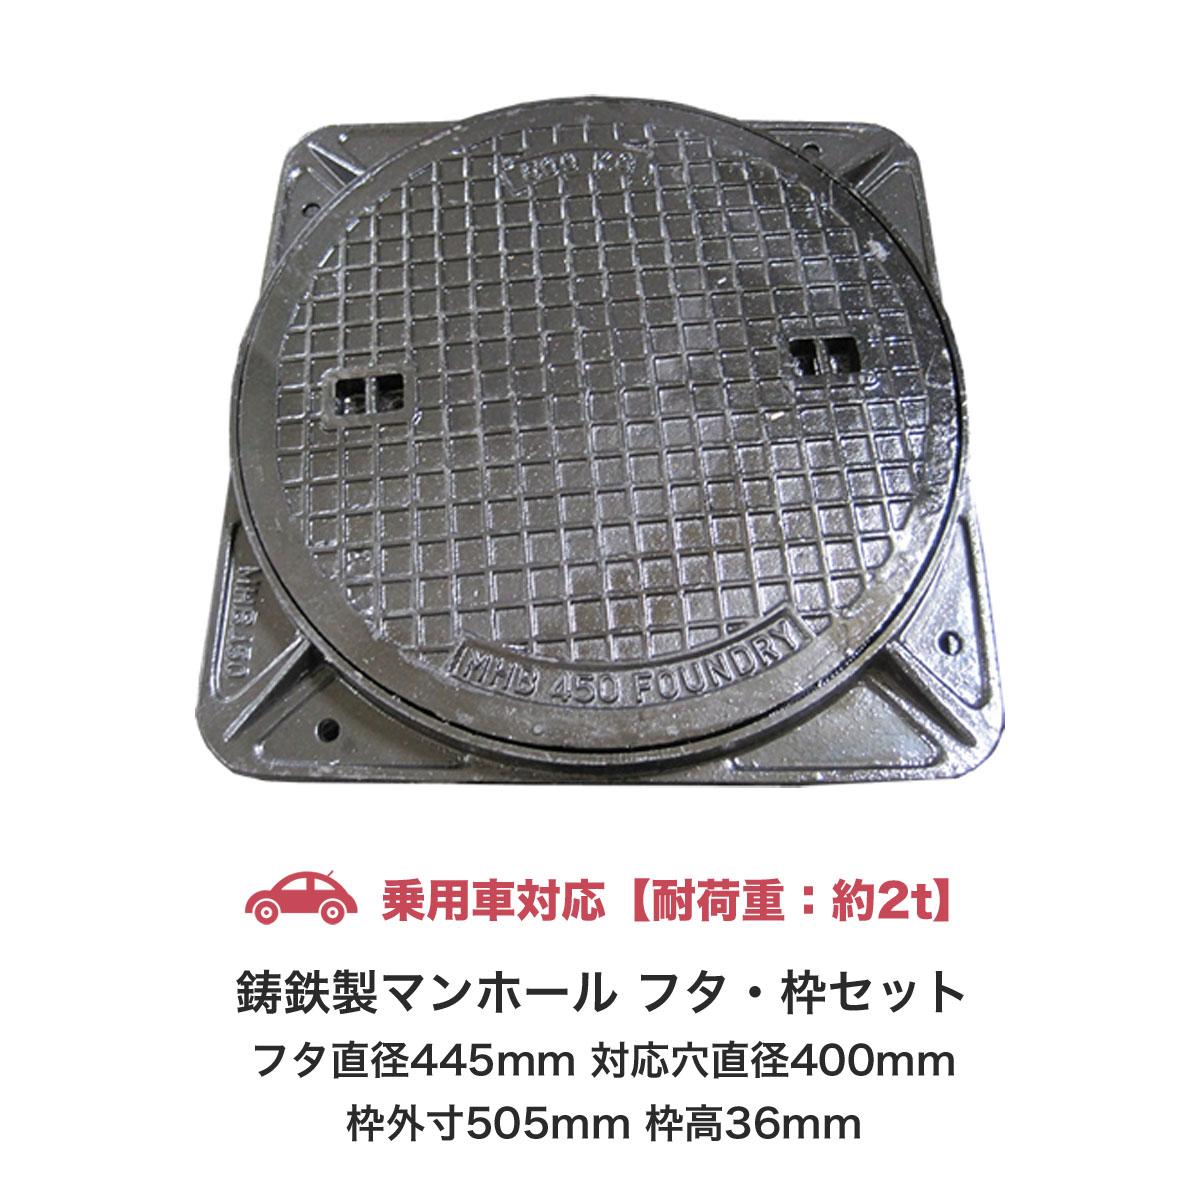 鋳鉄製 マンホール (乗用車対応) フタ+枠セット フタ直径445mm (直径40cmの穴に対応) tt-mk1400